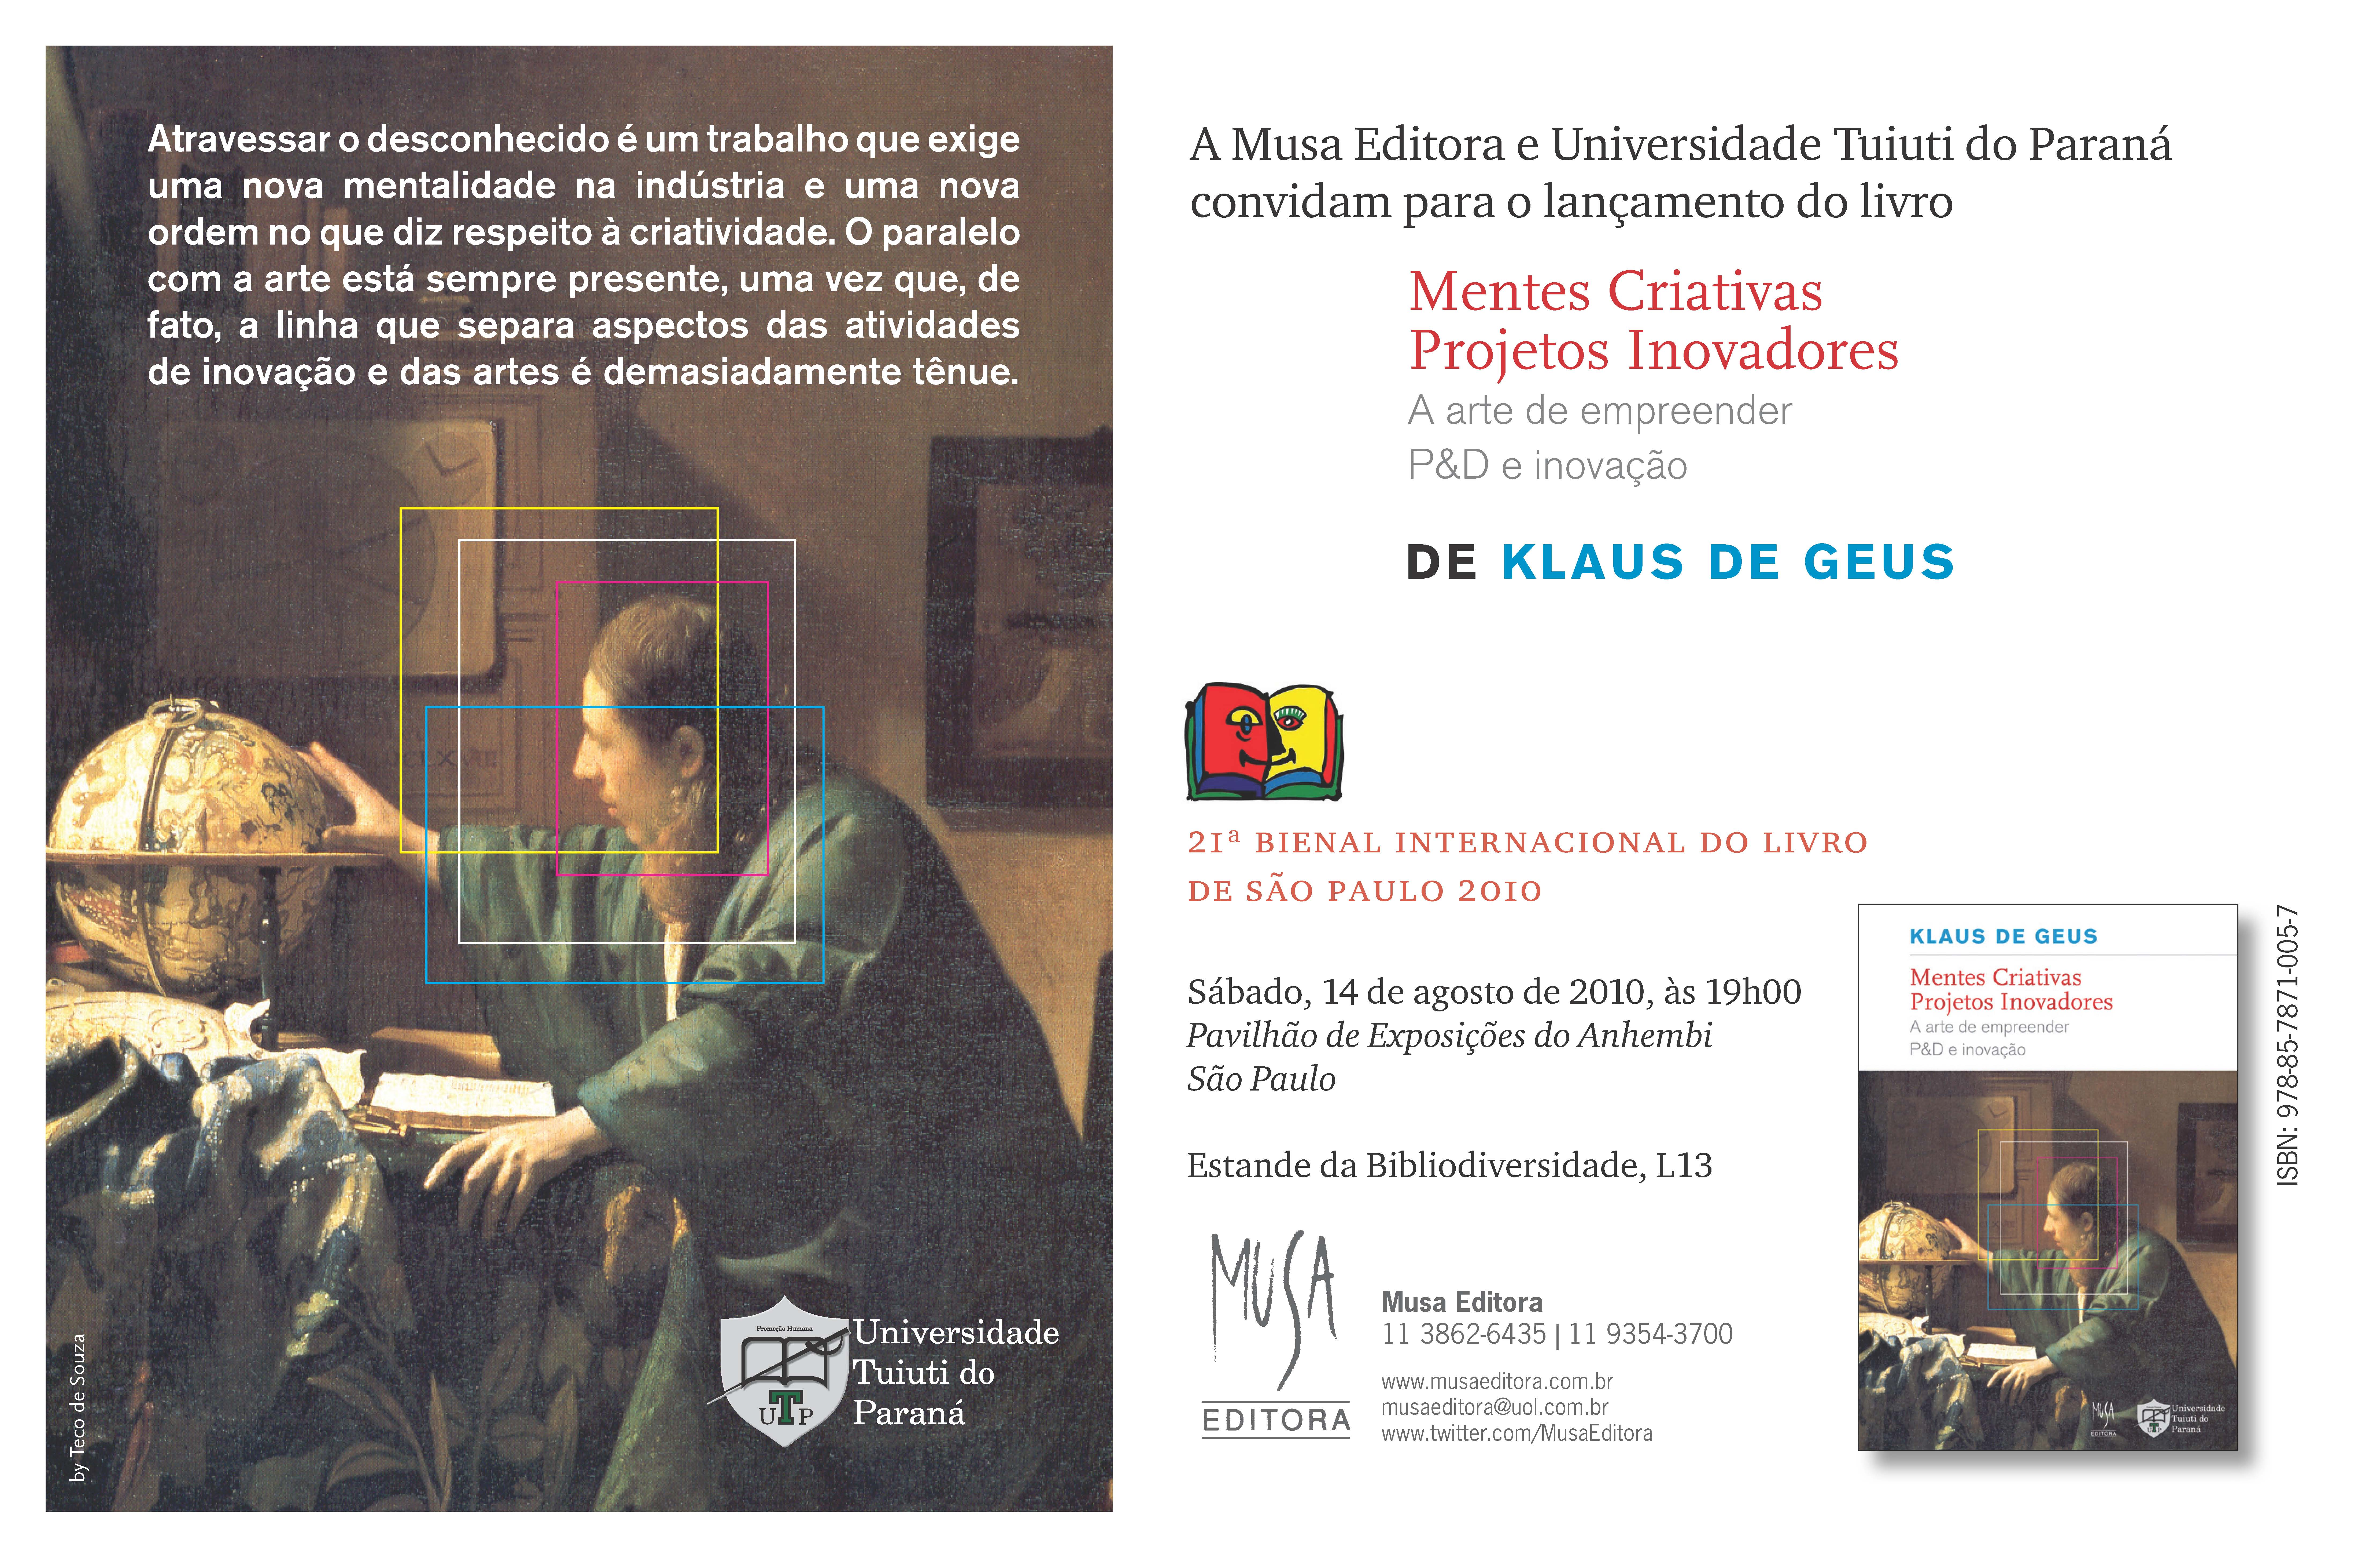 Lançamento da Musa Editora na Bienal do Livro São Paulo 2010 – Sábado, 14 de agosto: Mentes Criativas, Projetos Inovadores, de Klaus de Geus